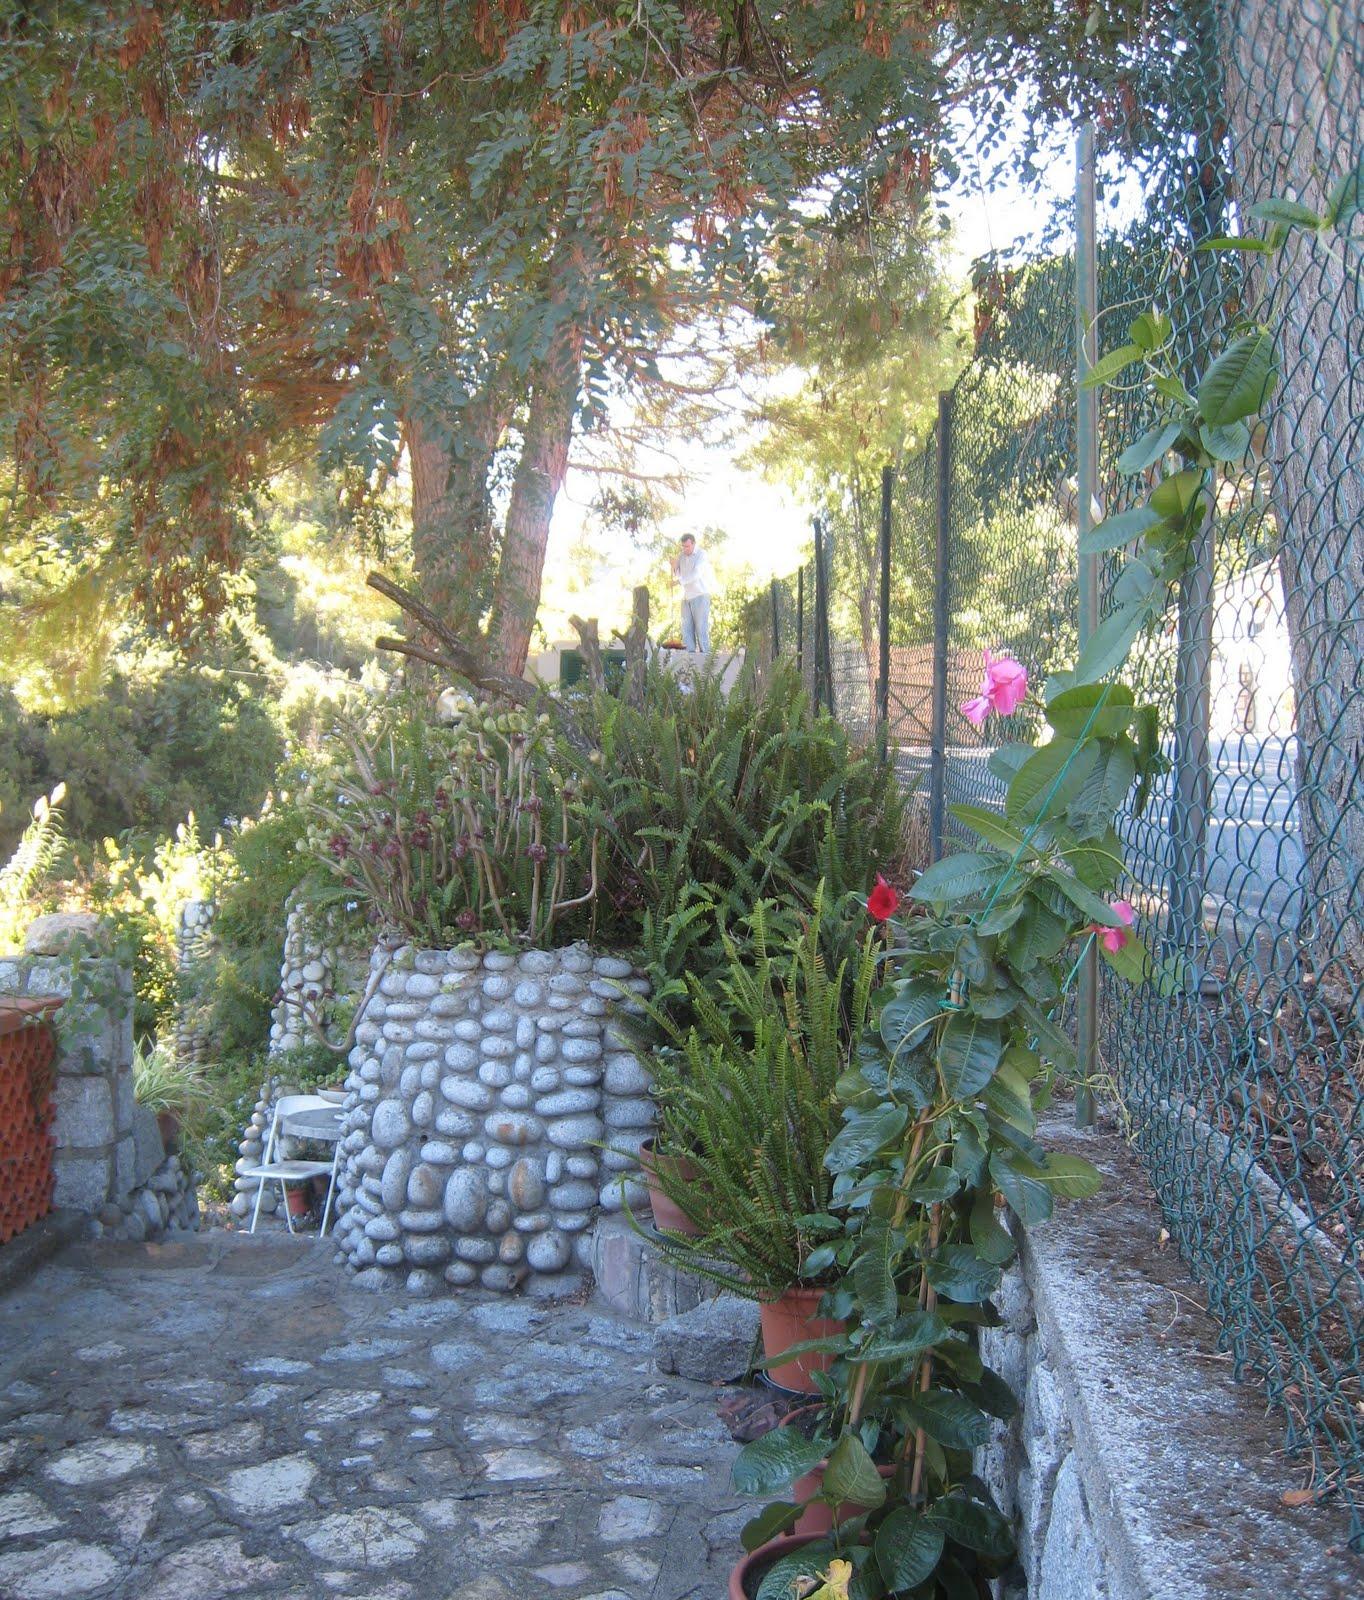 Fiori del mio giardino tempo di cotogne e melagrane - Sacchi di terra per giardino ...